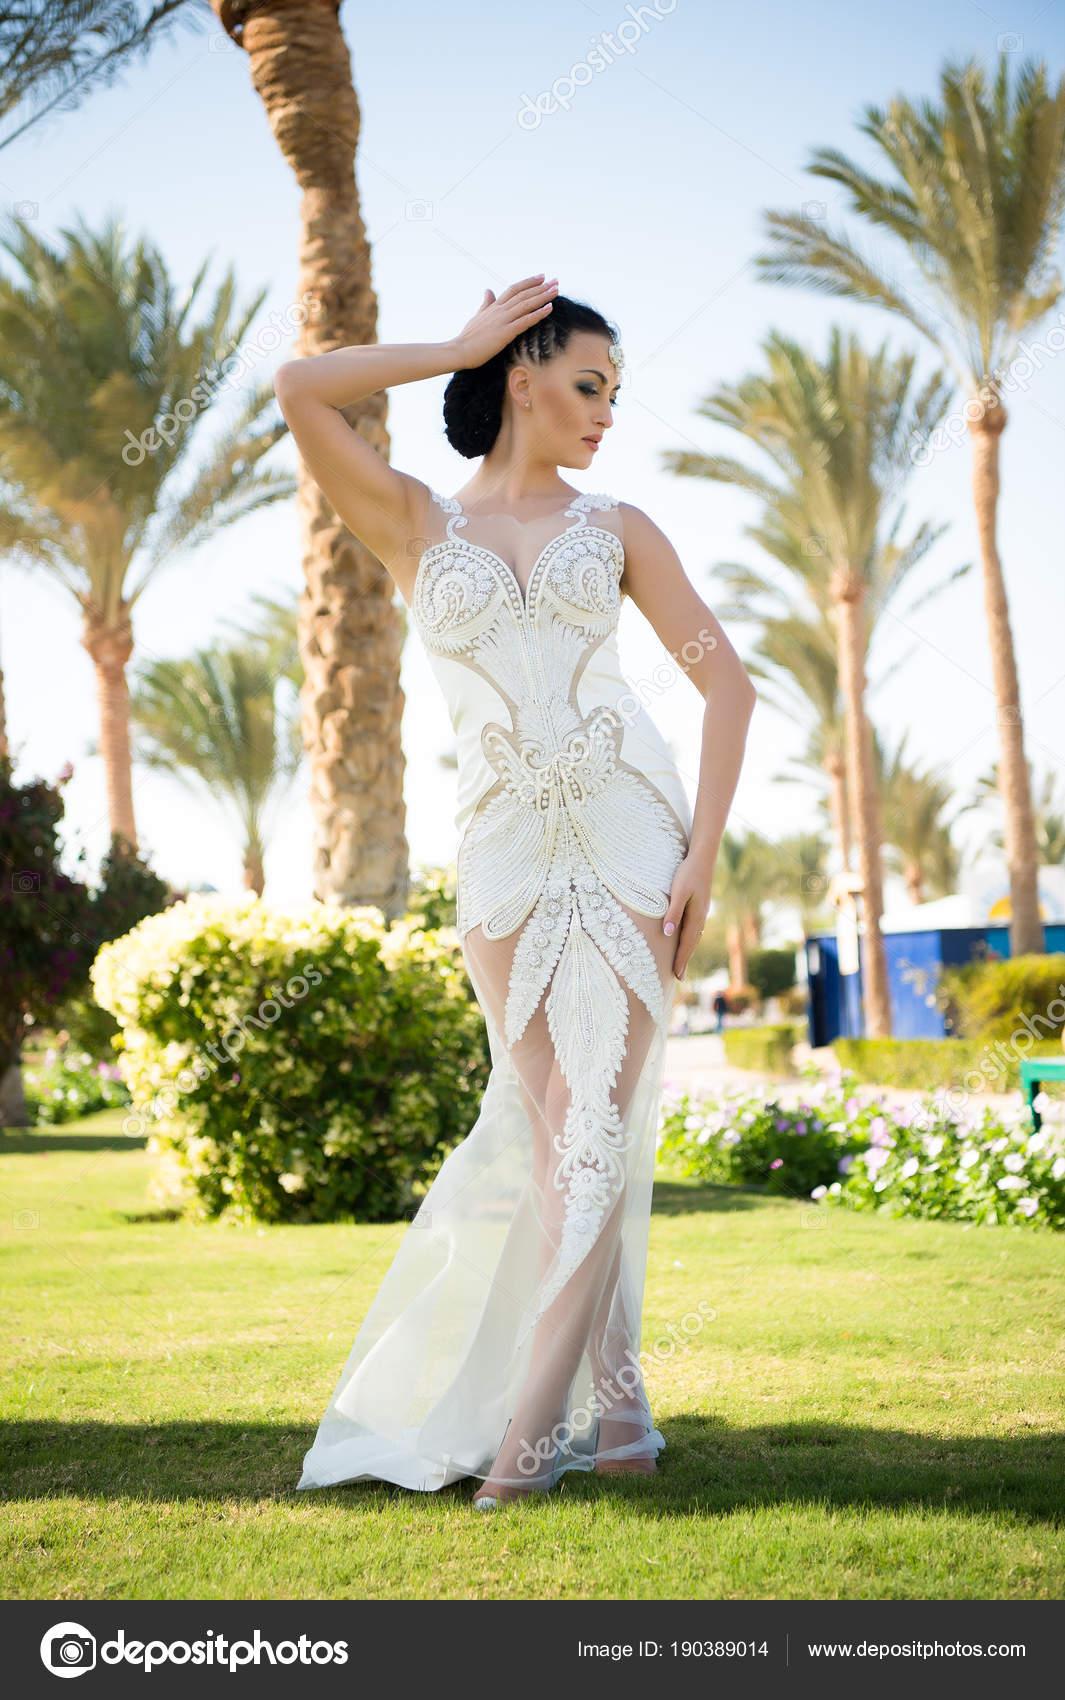 Mode-Modell im tropischen Garten. Sinnliche Frau in weißen Hochzeit ...